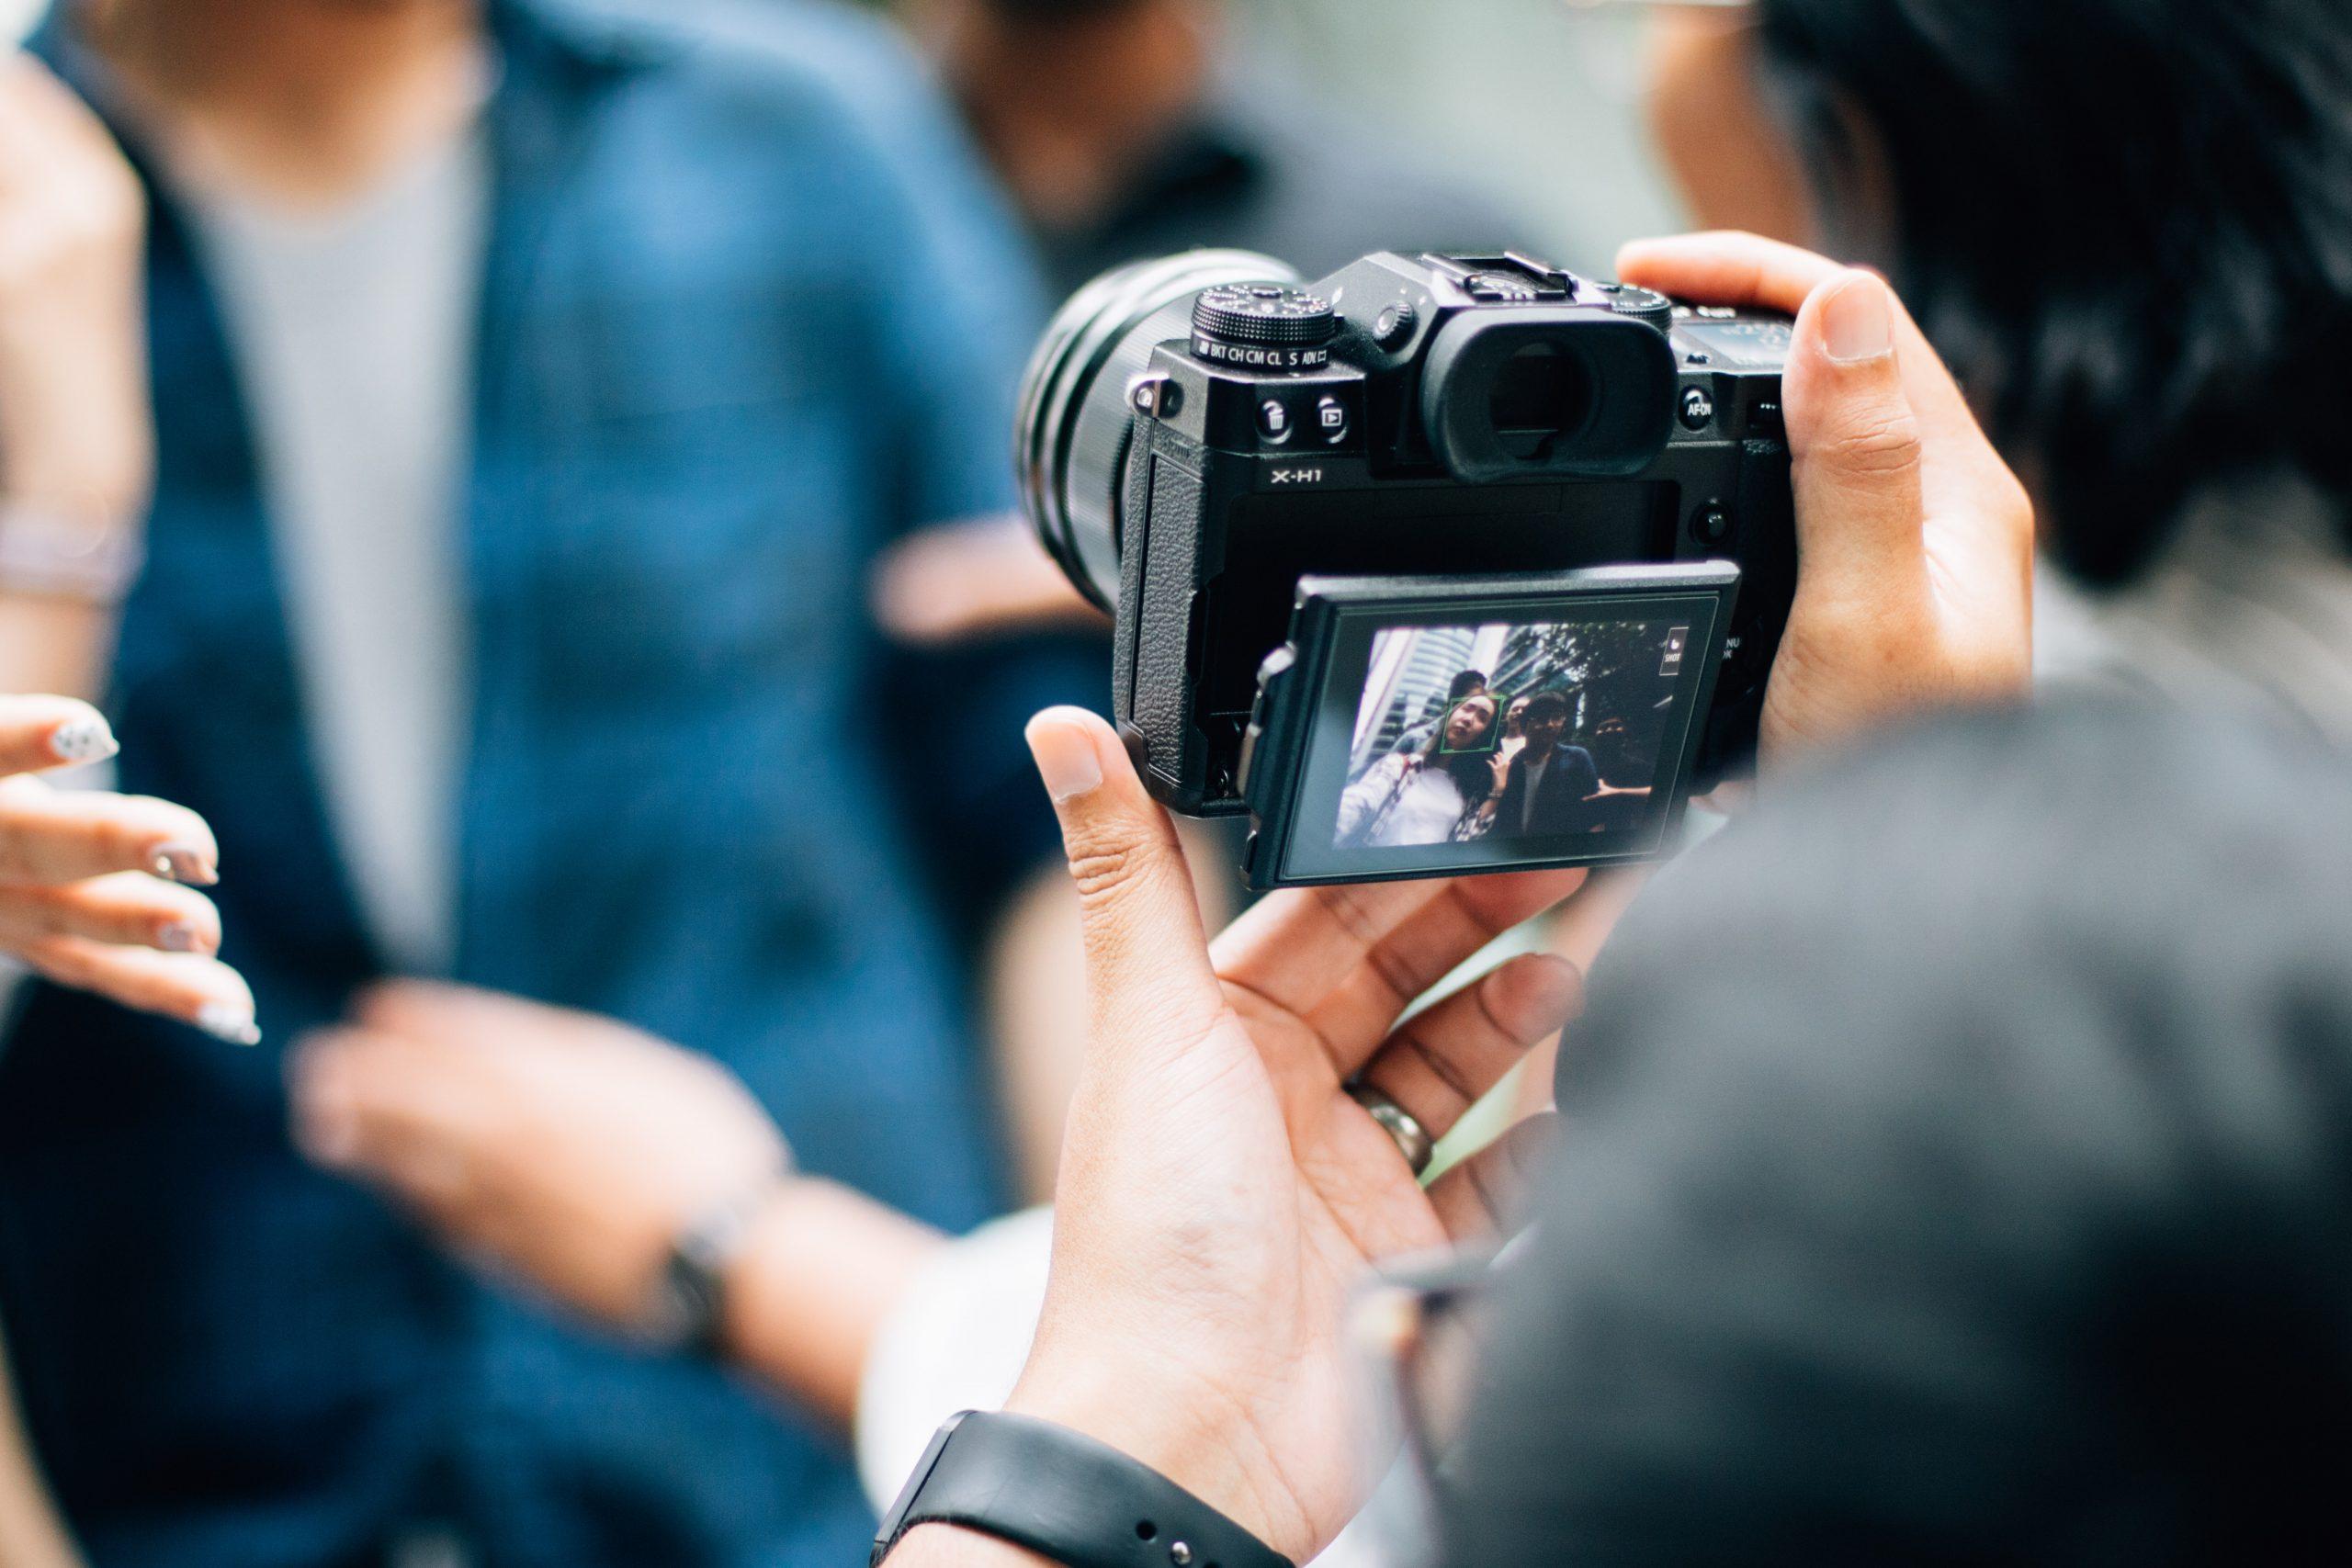 Imagem mostra uma pessoa segurando uma câmera com o visor aberto.